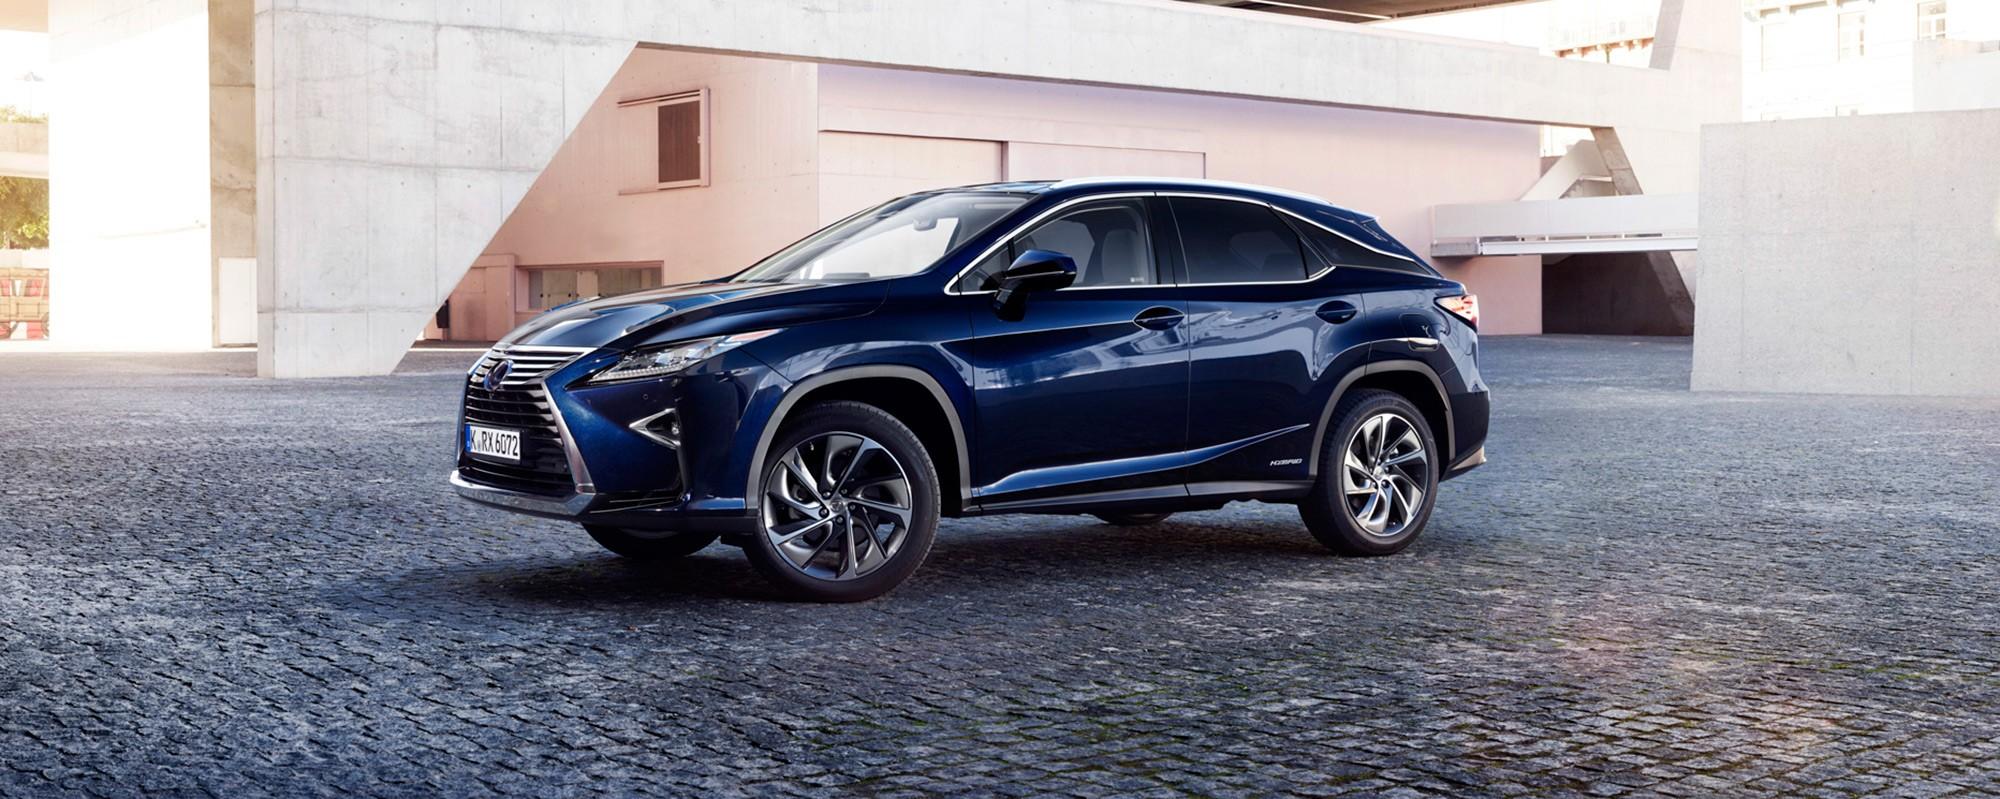 Nieuwe Lexus RX 450[h]: een onweerstaanbaar aanbod